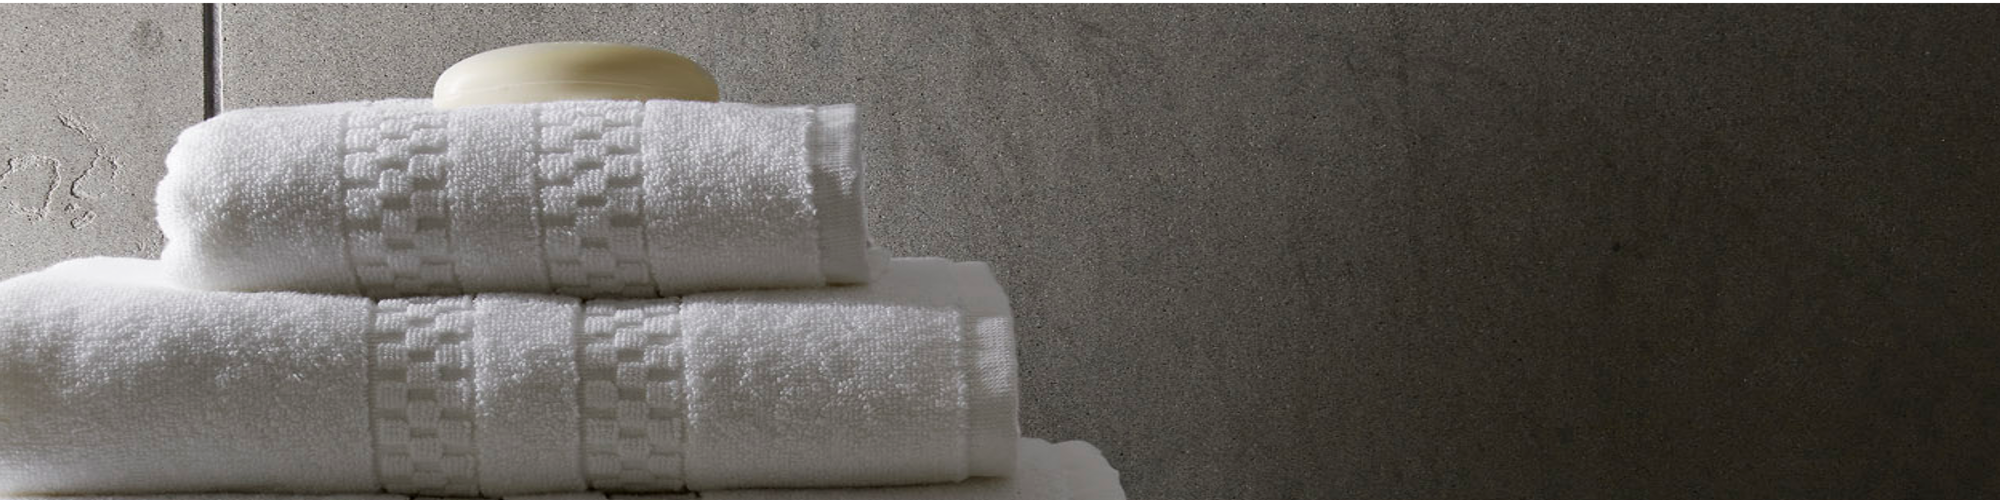 Frette Towels